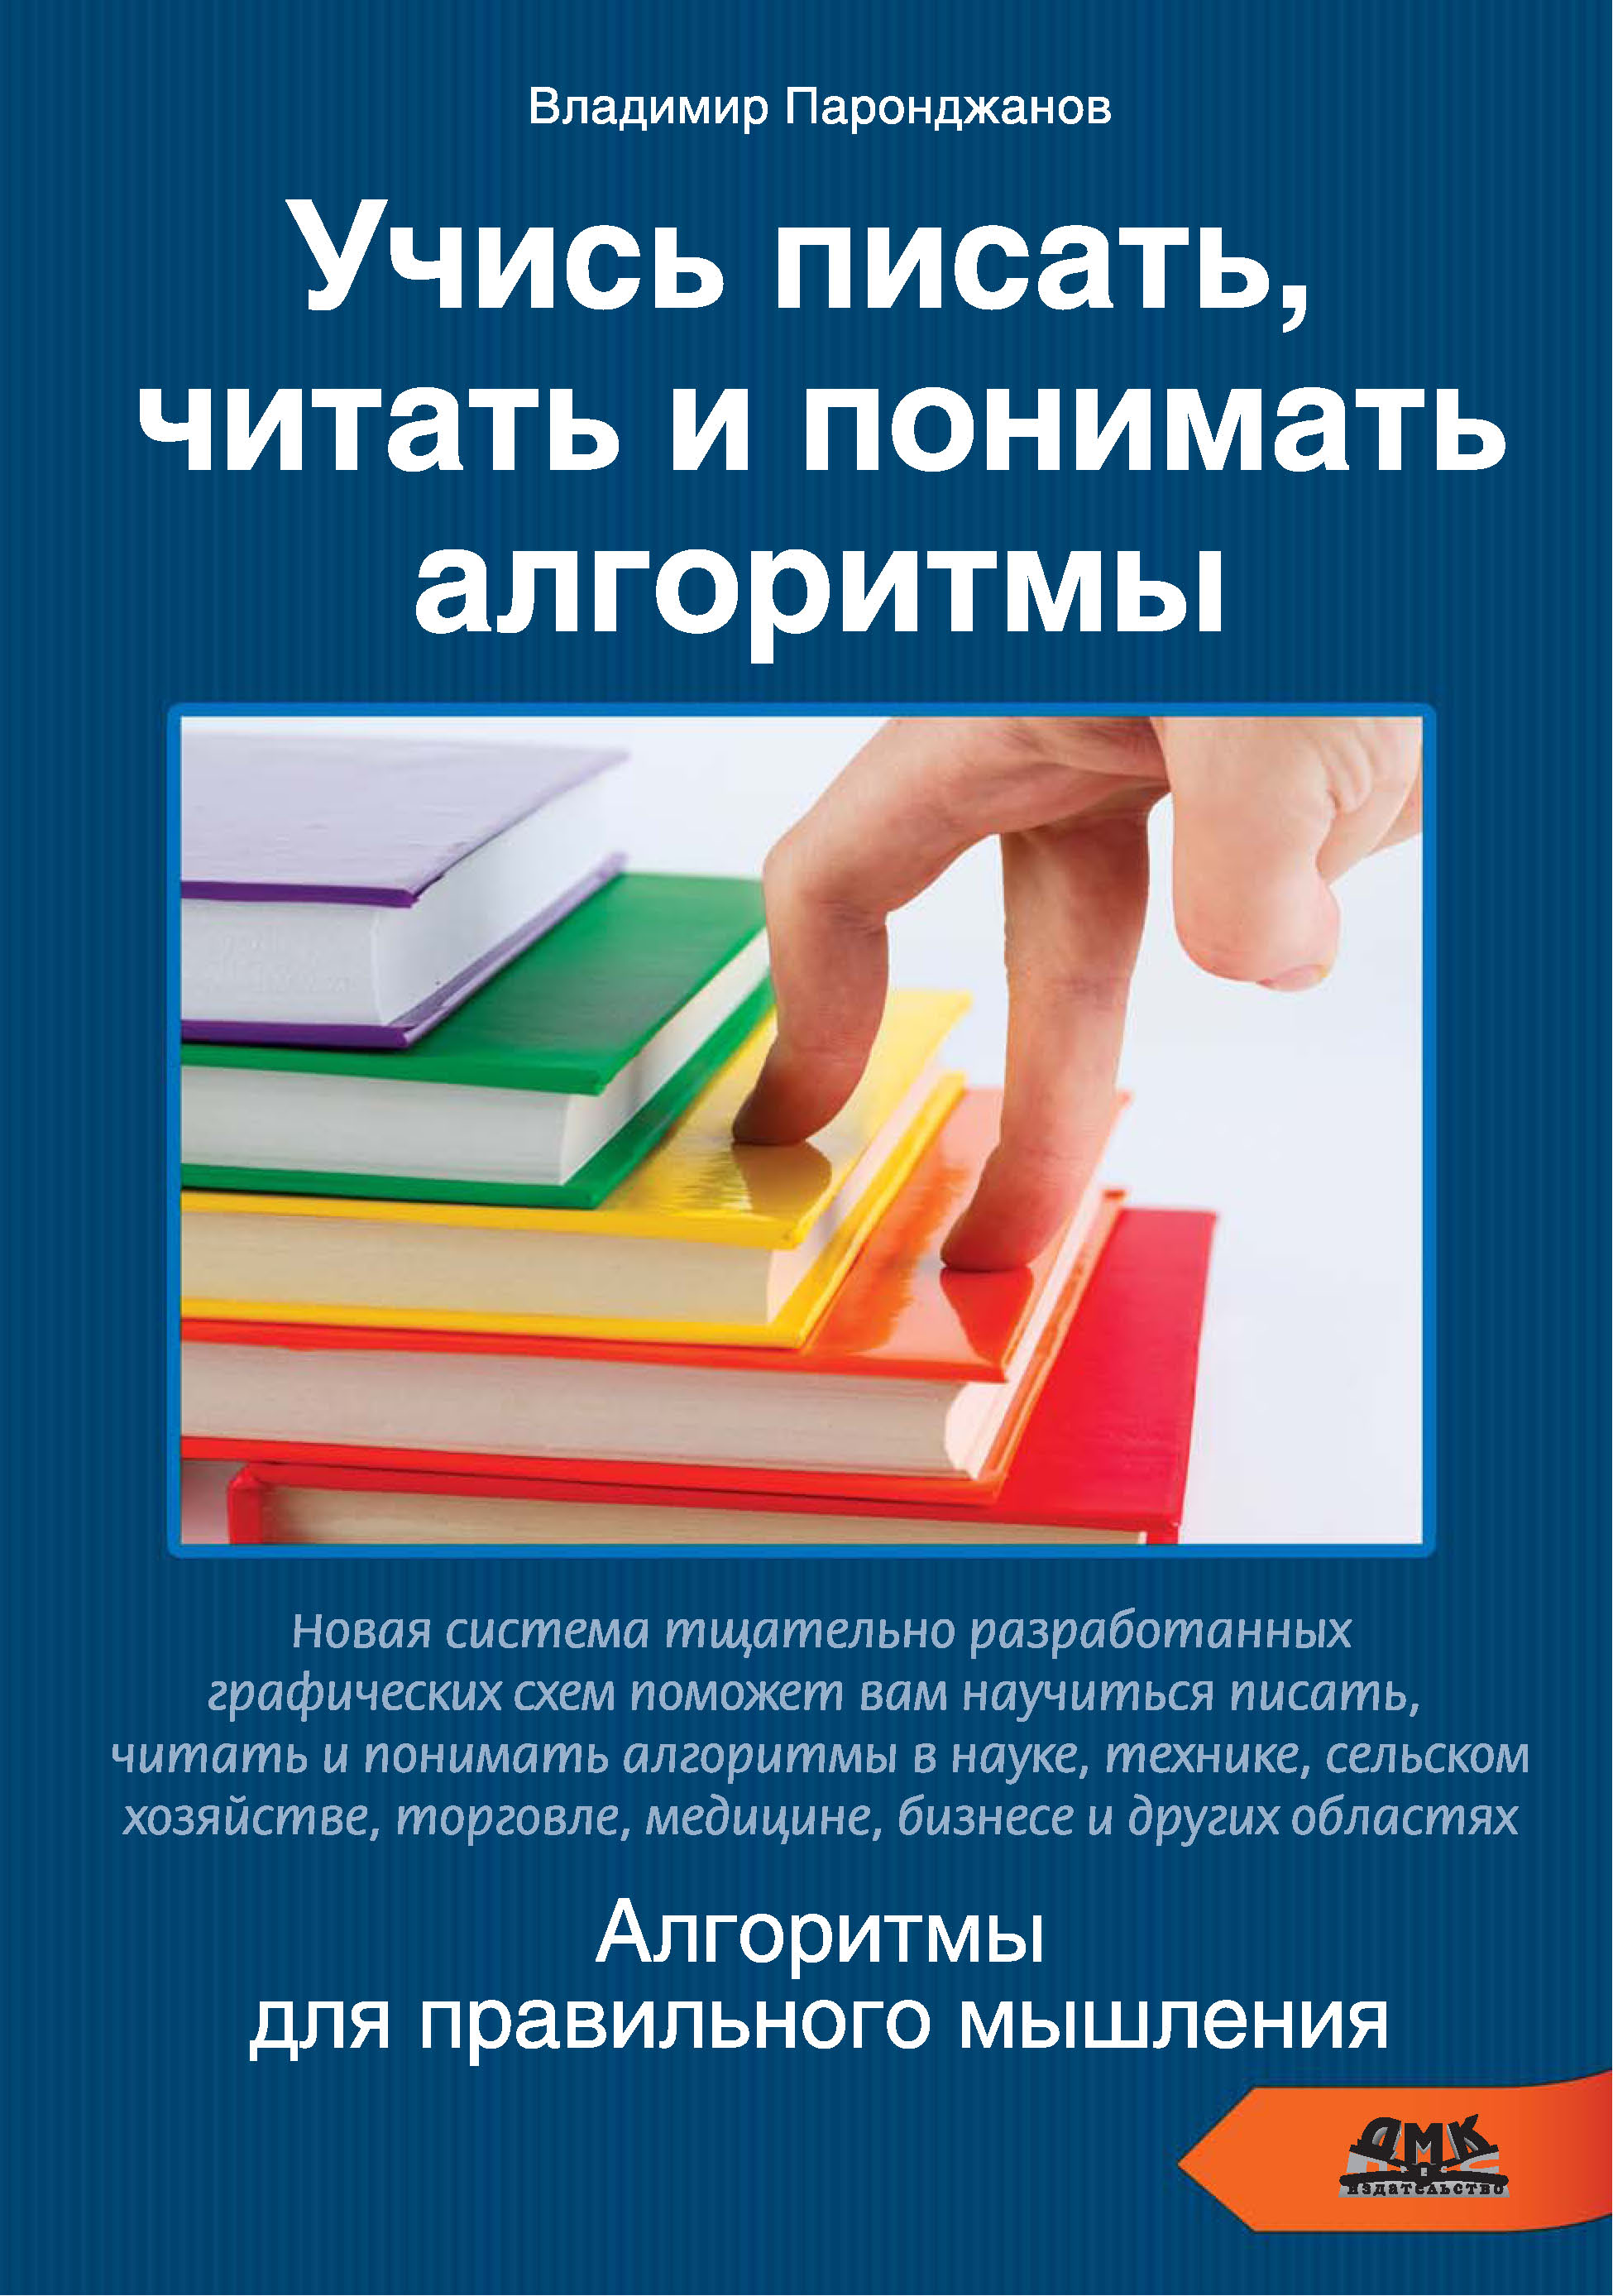 Владимир Паронджанов Учись писать, читать и понимать алгоритмы. Алгоритмы для правильного мышления